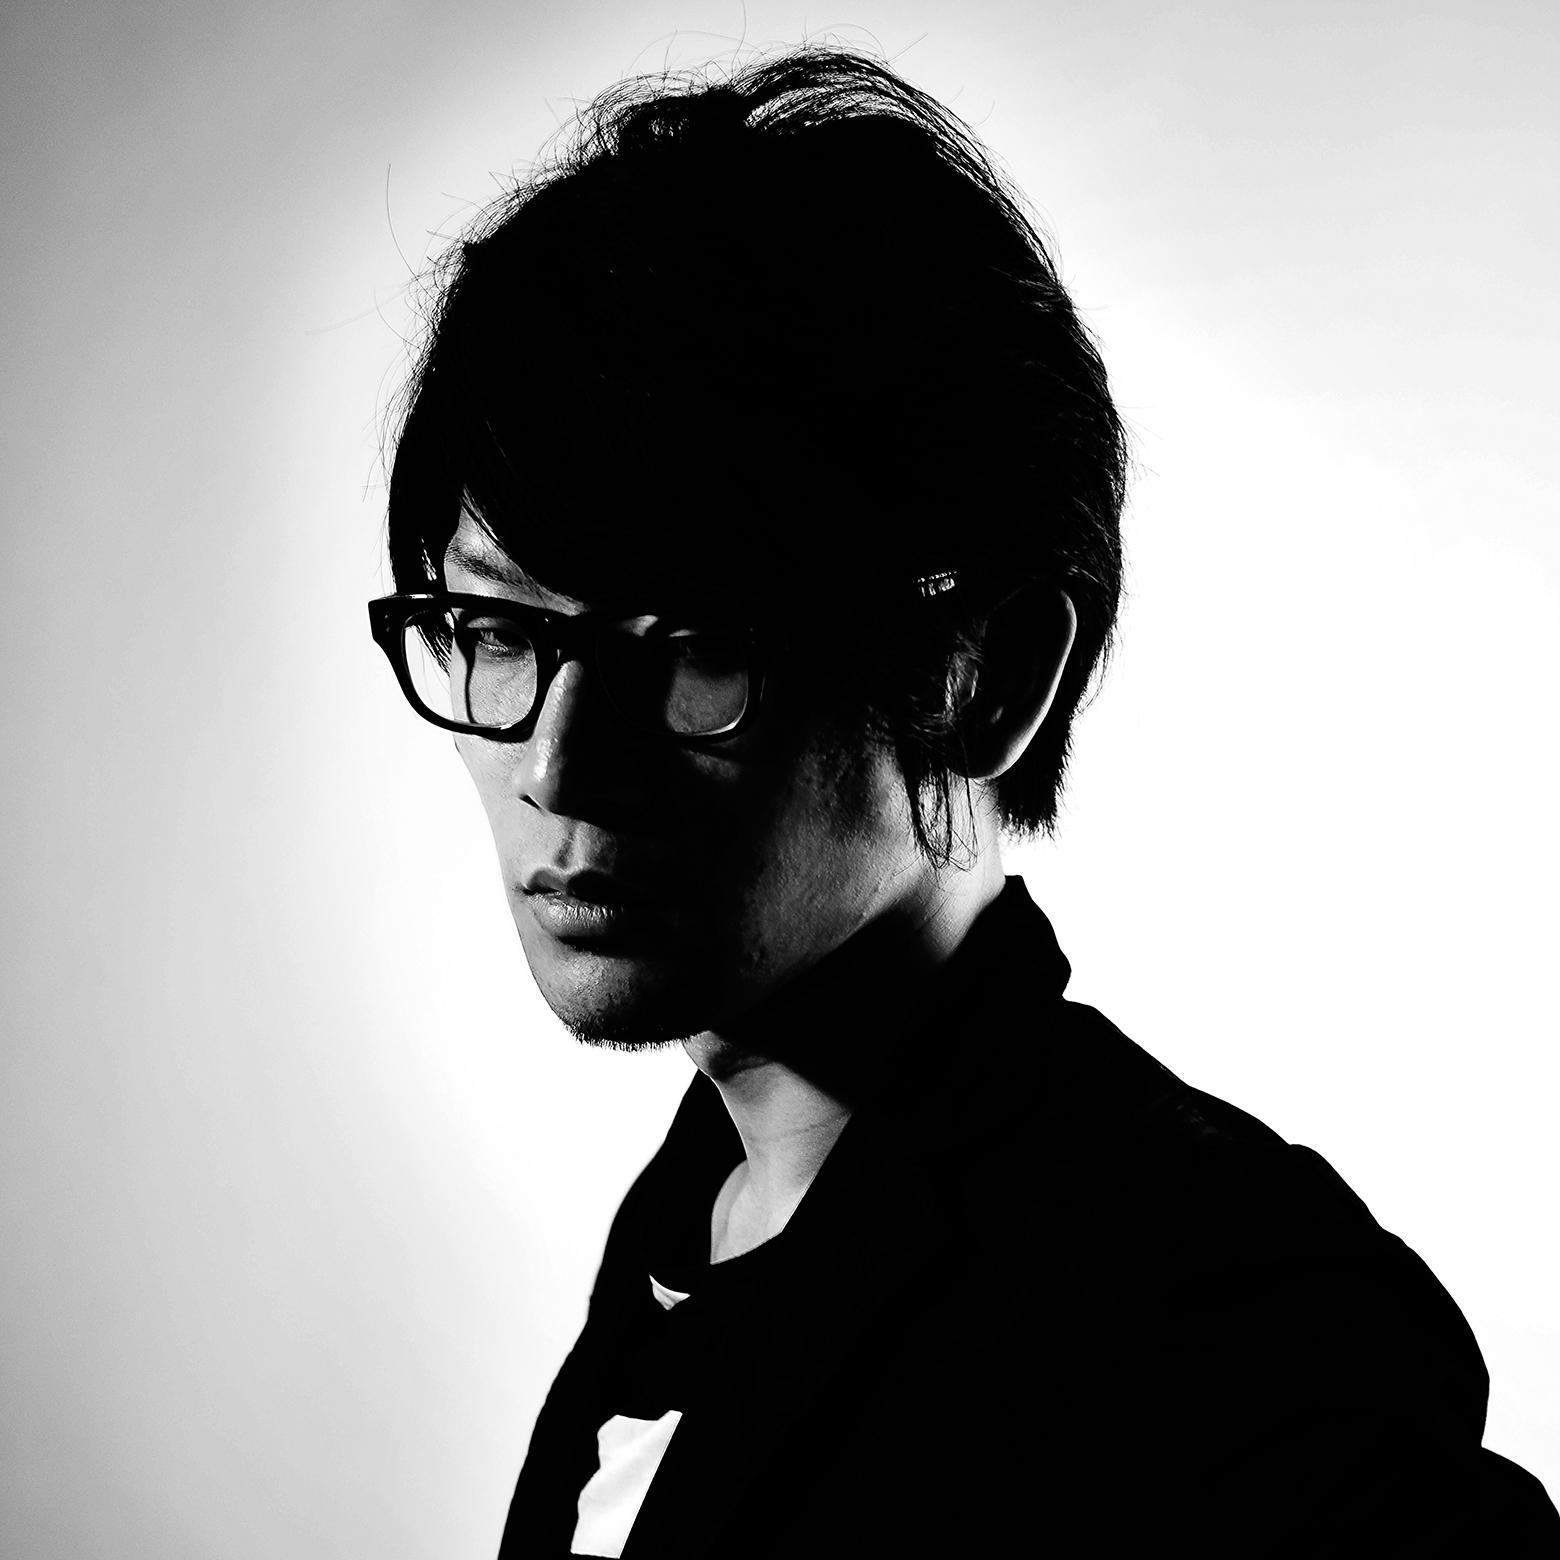 Kenichi Chiba